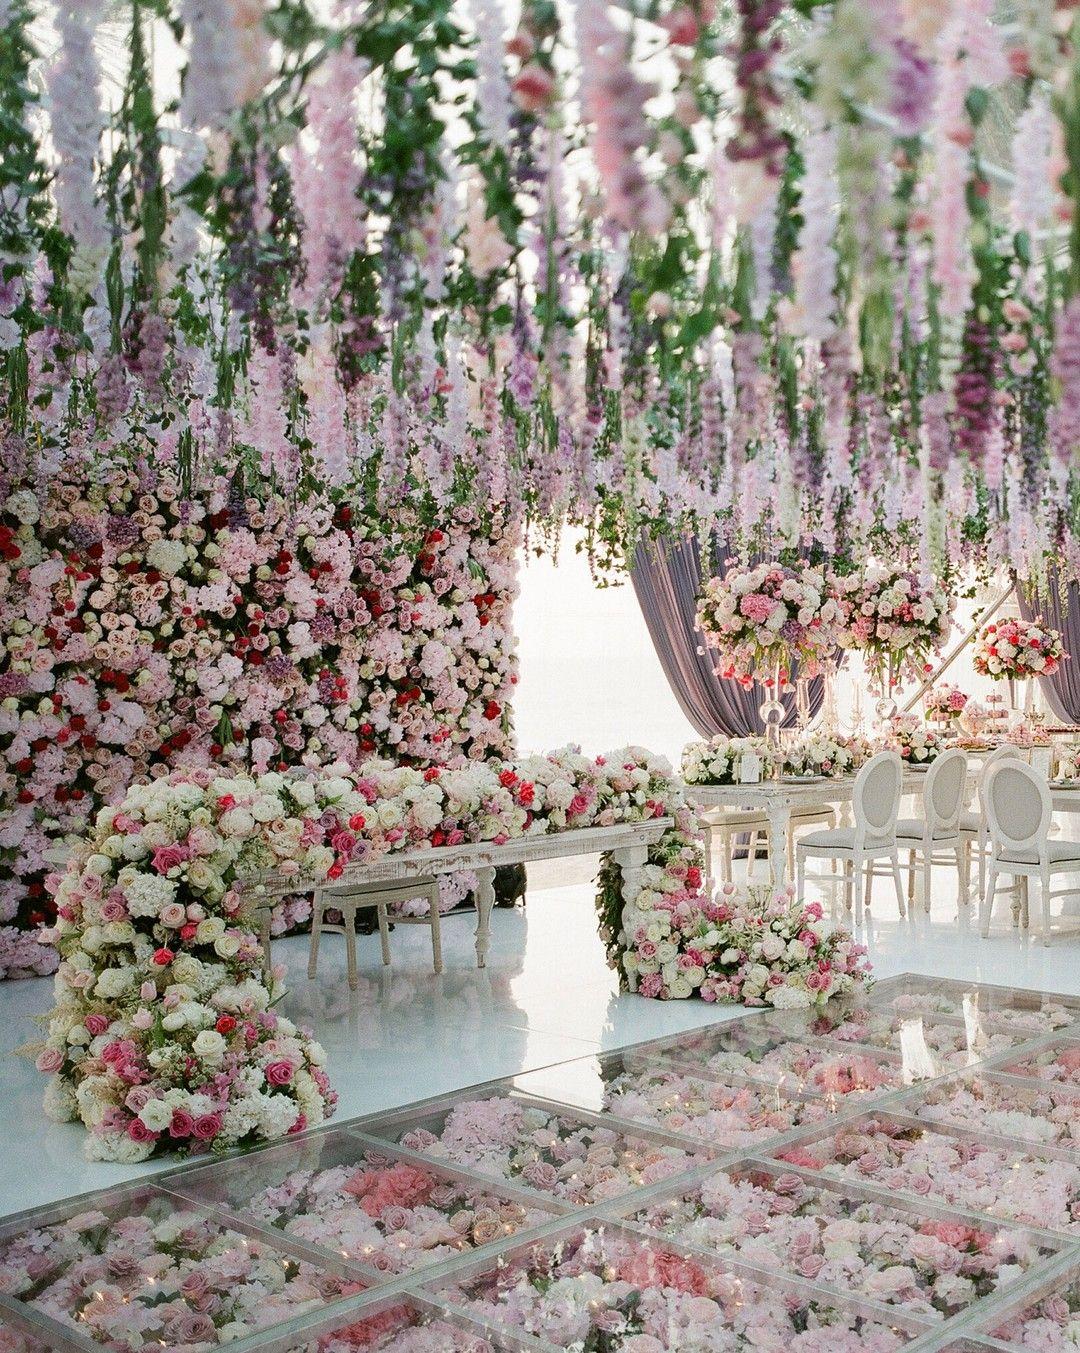 احدث وارقى ديكورات صالات الاعراس تصاميم خيالية فخمة The Most Luxurious Wedding Decorations Wedding Decor Inspiration Wedding Decorations Wedding